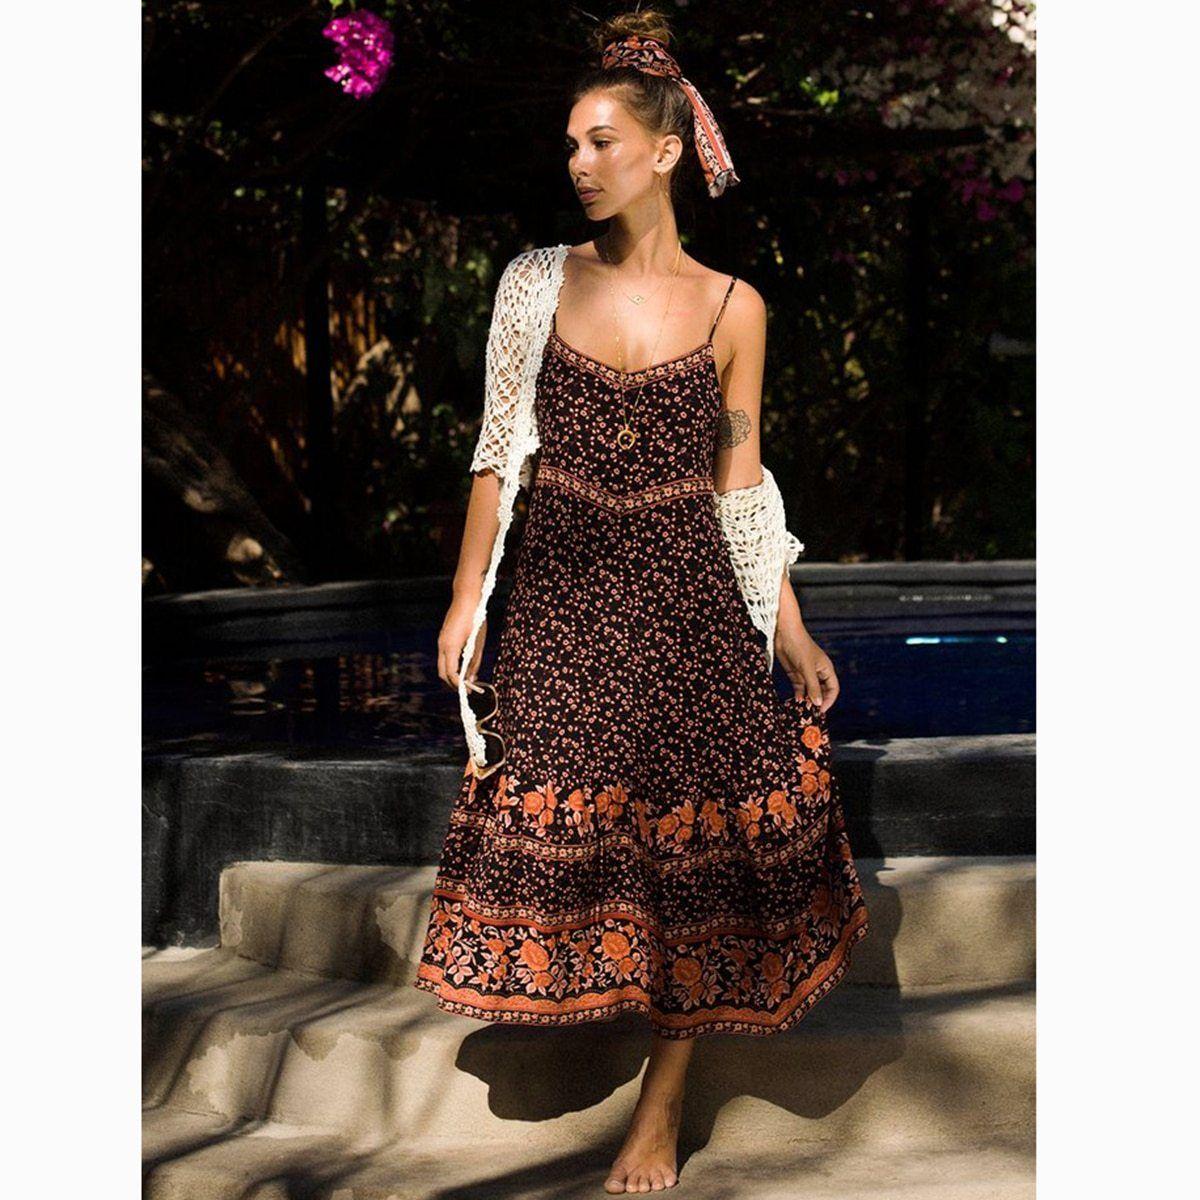 b1522f48d6 Lealo Boho Dress in 2019 | Boho | Dresses, Boho dress, Backless maxi ...